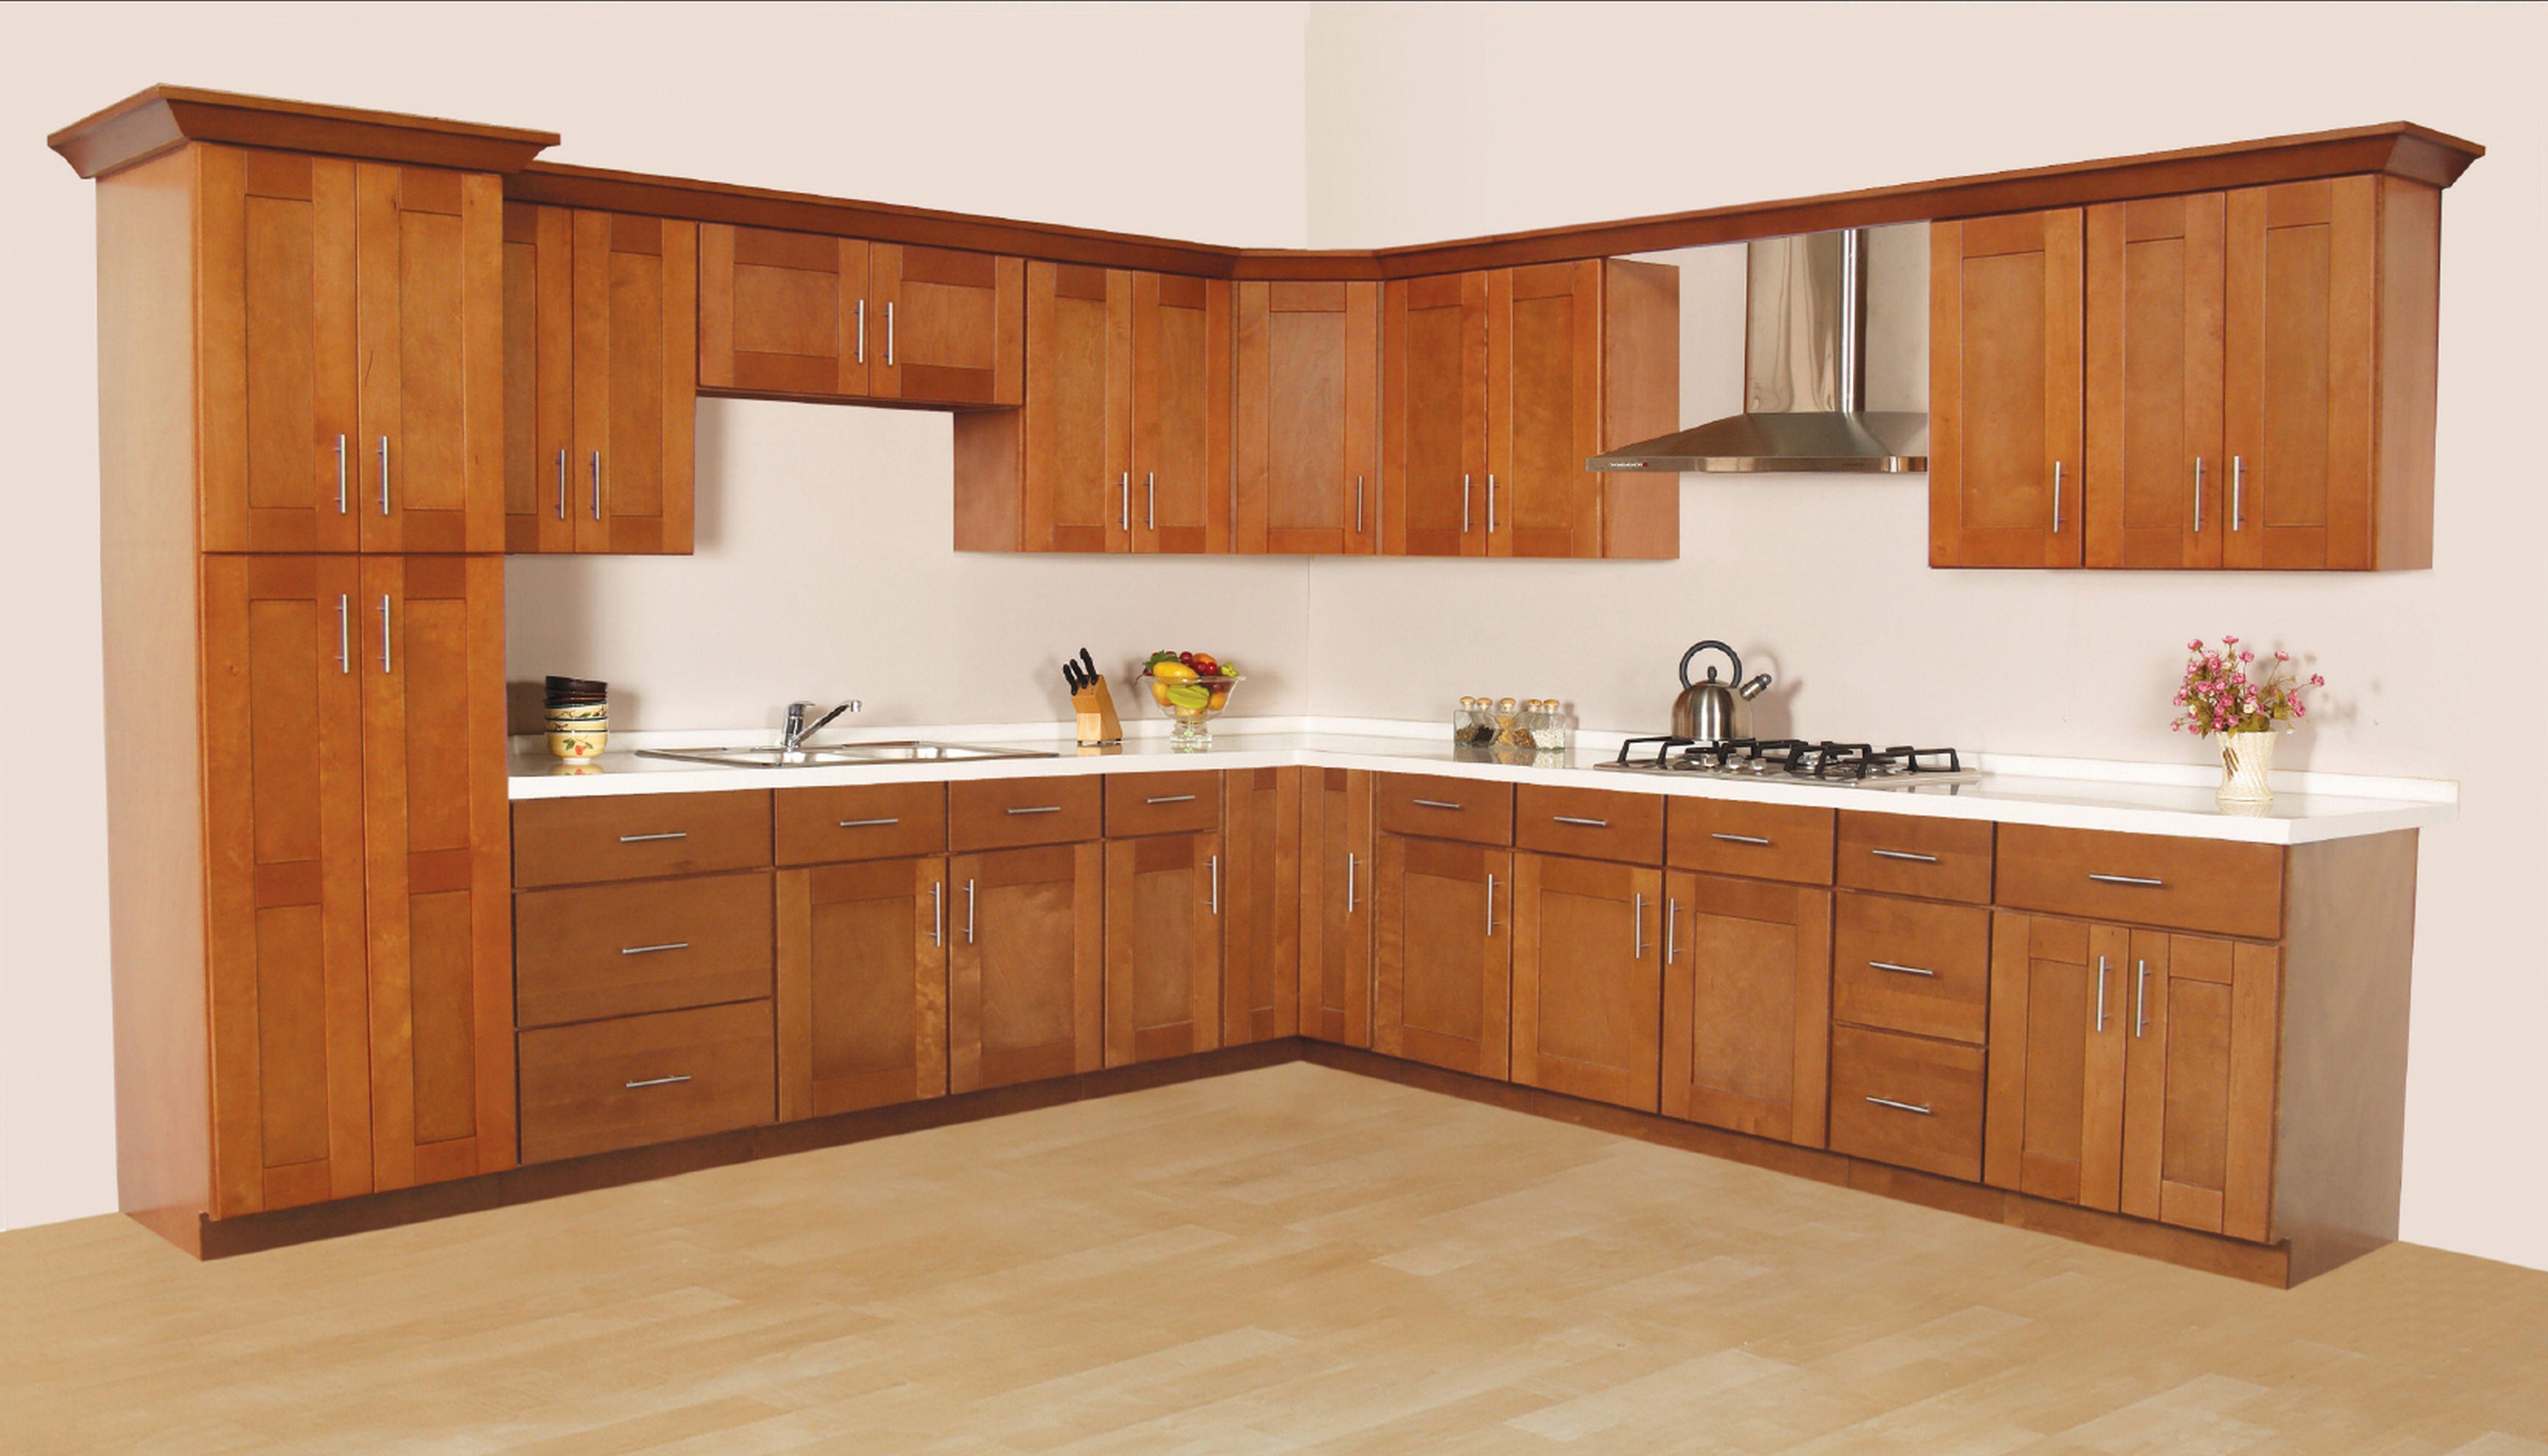 Küchenschränke in der garage küche kabinett hardware boston  versuchen sie unerwartete